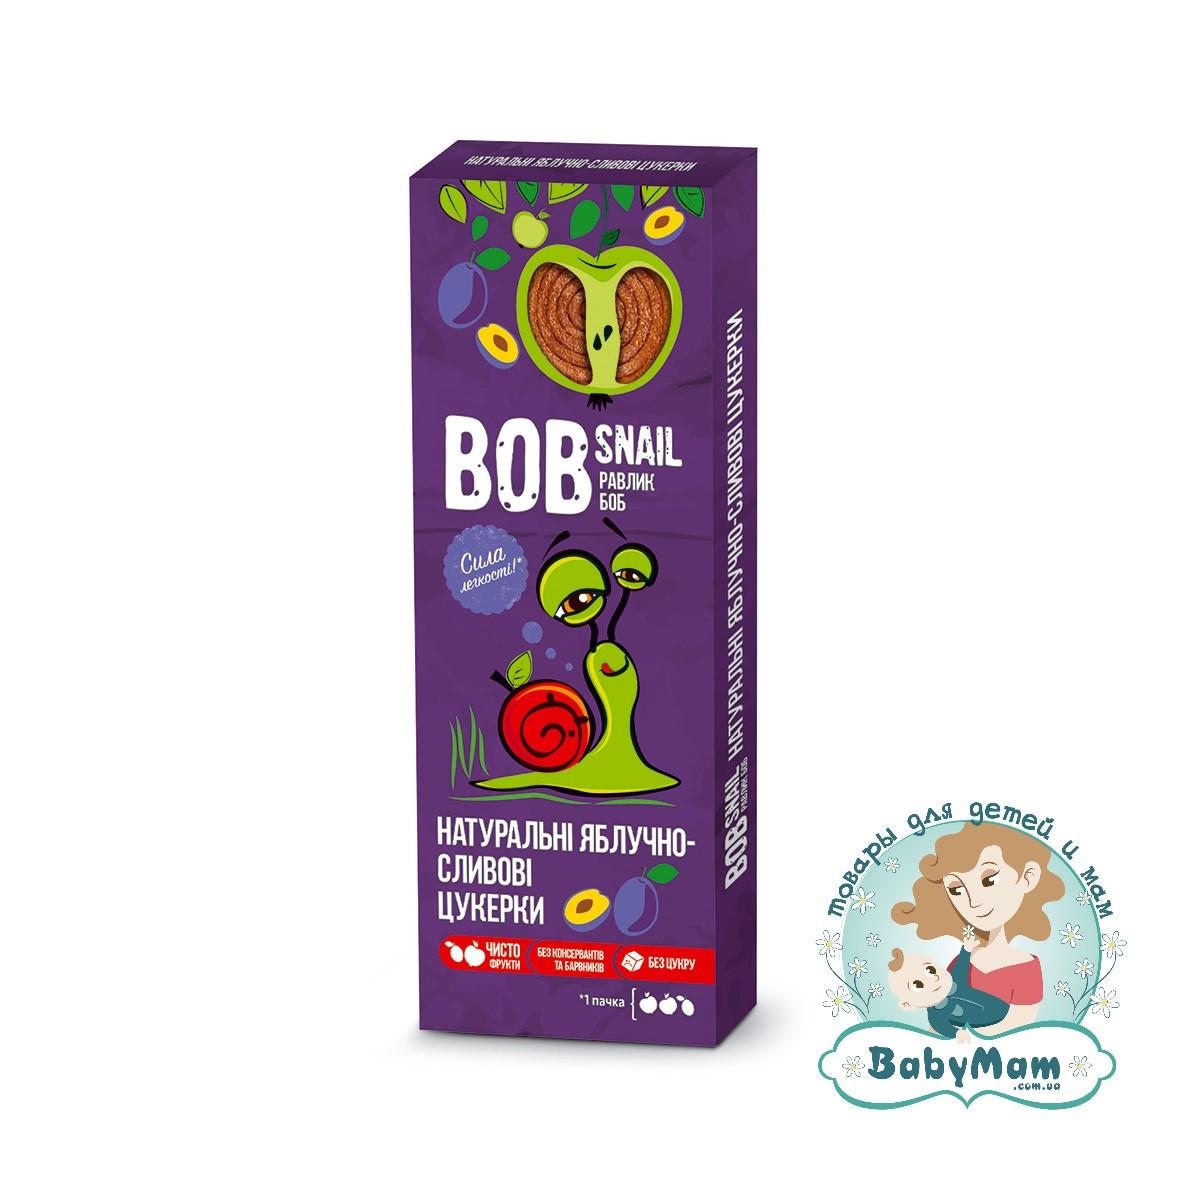 Конфеты натуральные Bob Snail (Равлик Боб) Яблочно-Сливовые, 30гр